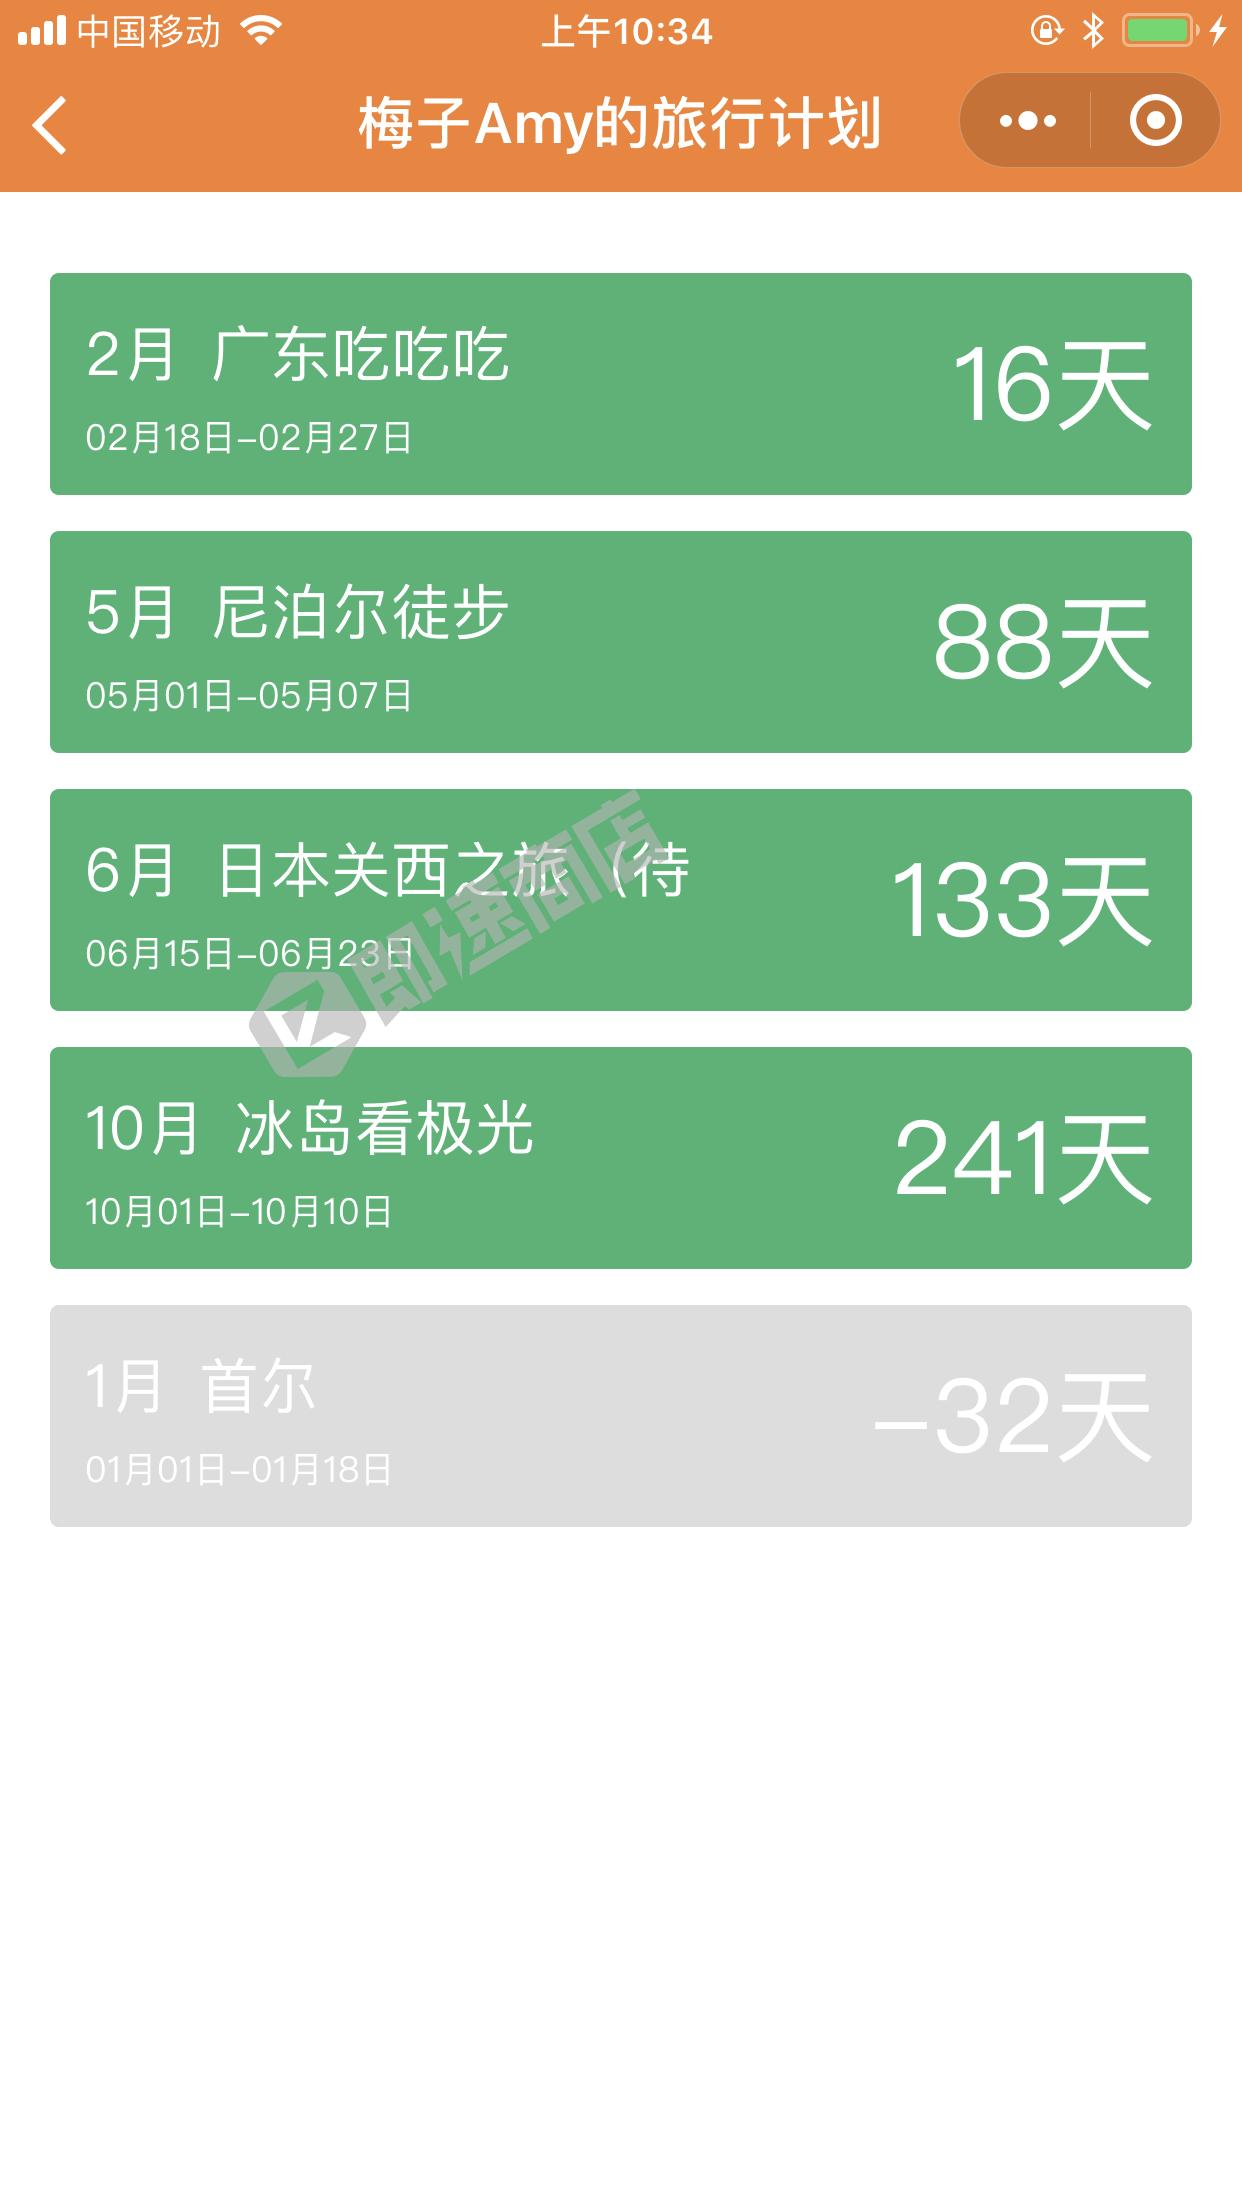 桔子旅行计划小程序列表页截图